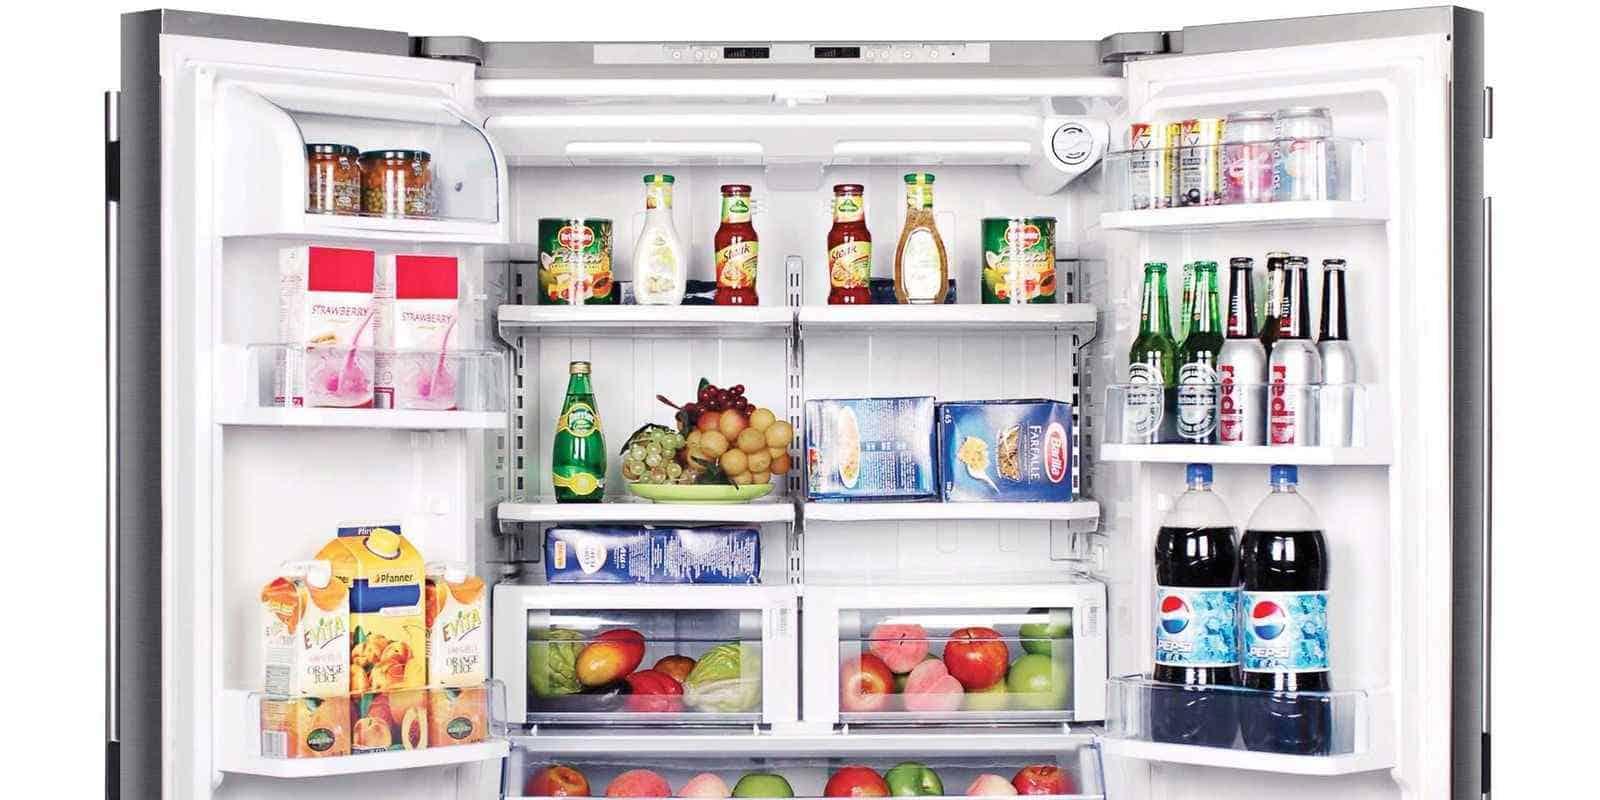 melhores geladeiras: como escolher